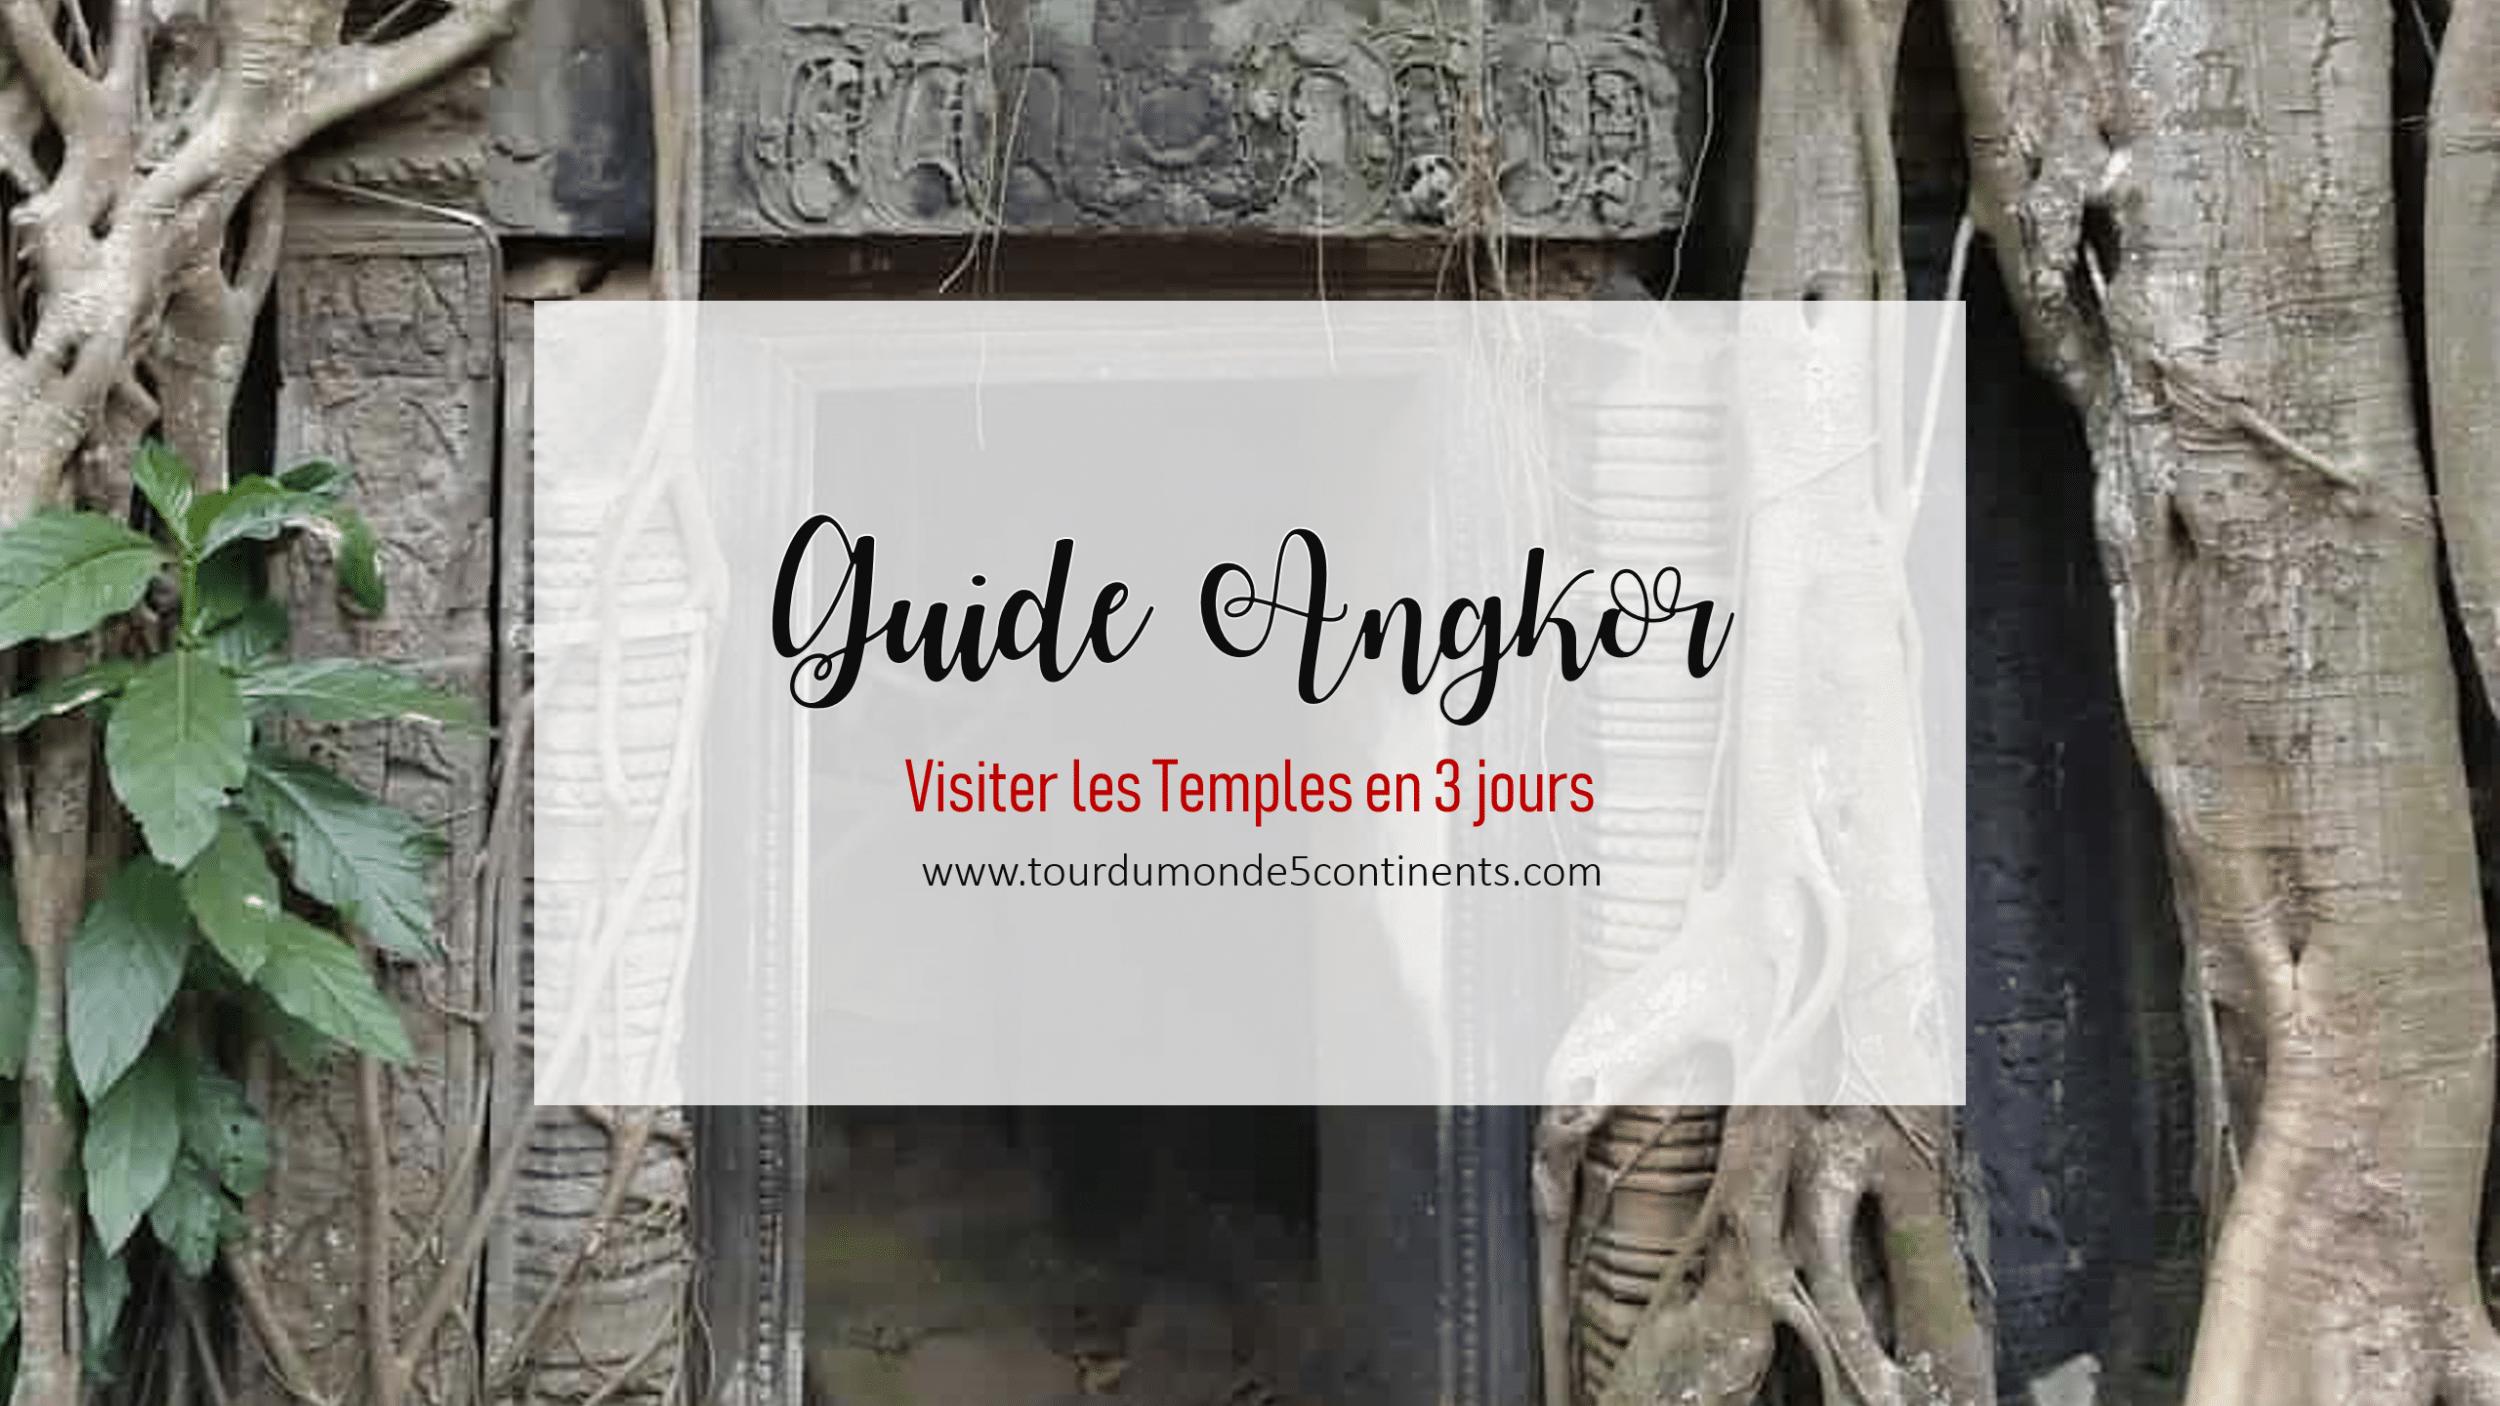 Si Vous Lisez Cet Article Cest Que Etes En Train De Preparer Votre Visite Aux Temples DAngkor Ou Avez Lintention Dy Aller